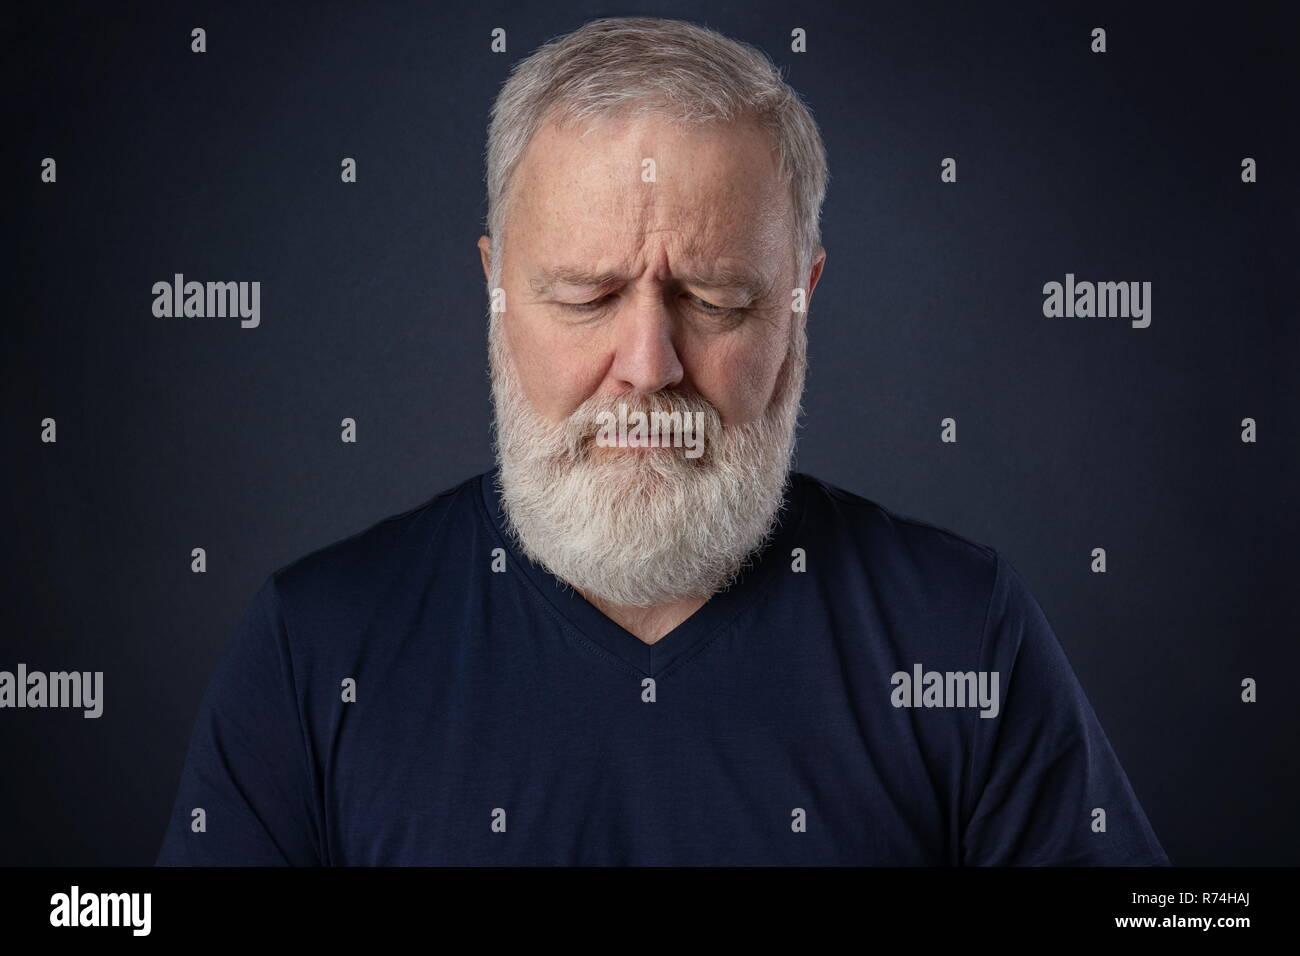 Älterer Mann mit grauen Bart nach unten schauen und Denken Stockbild